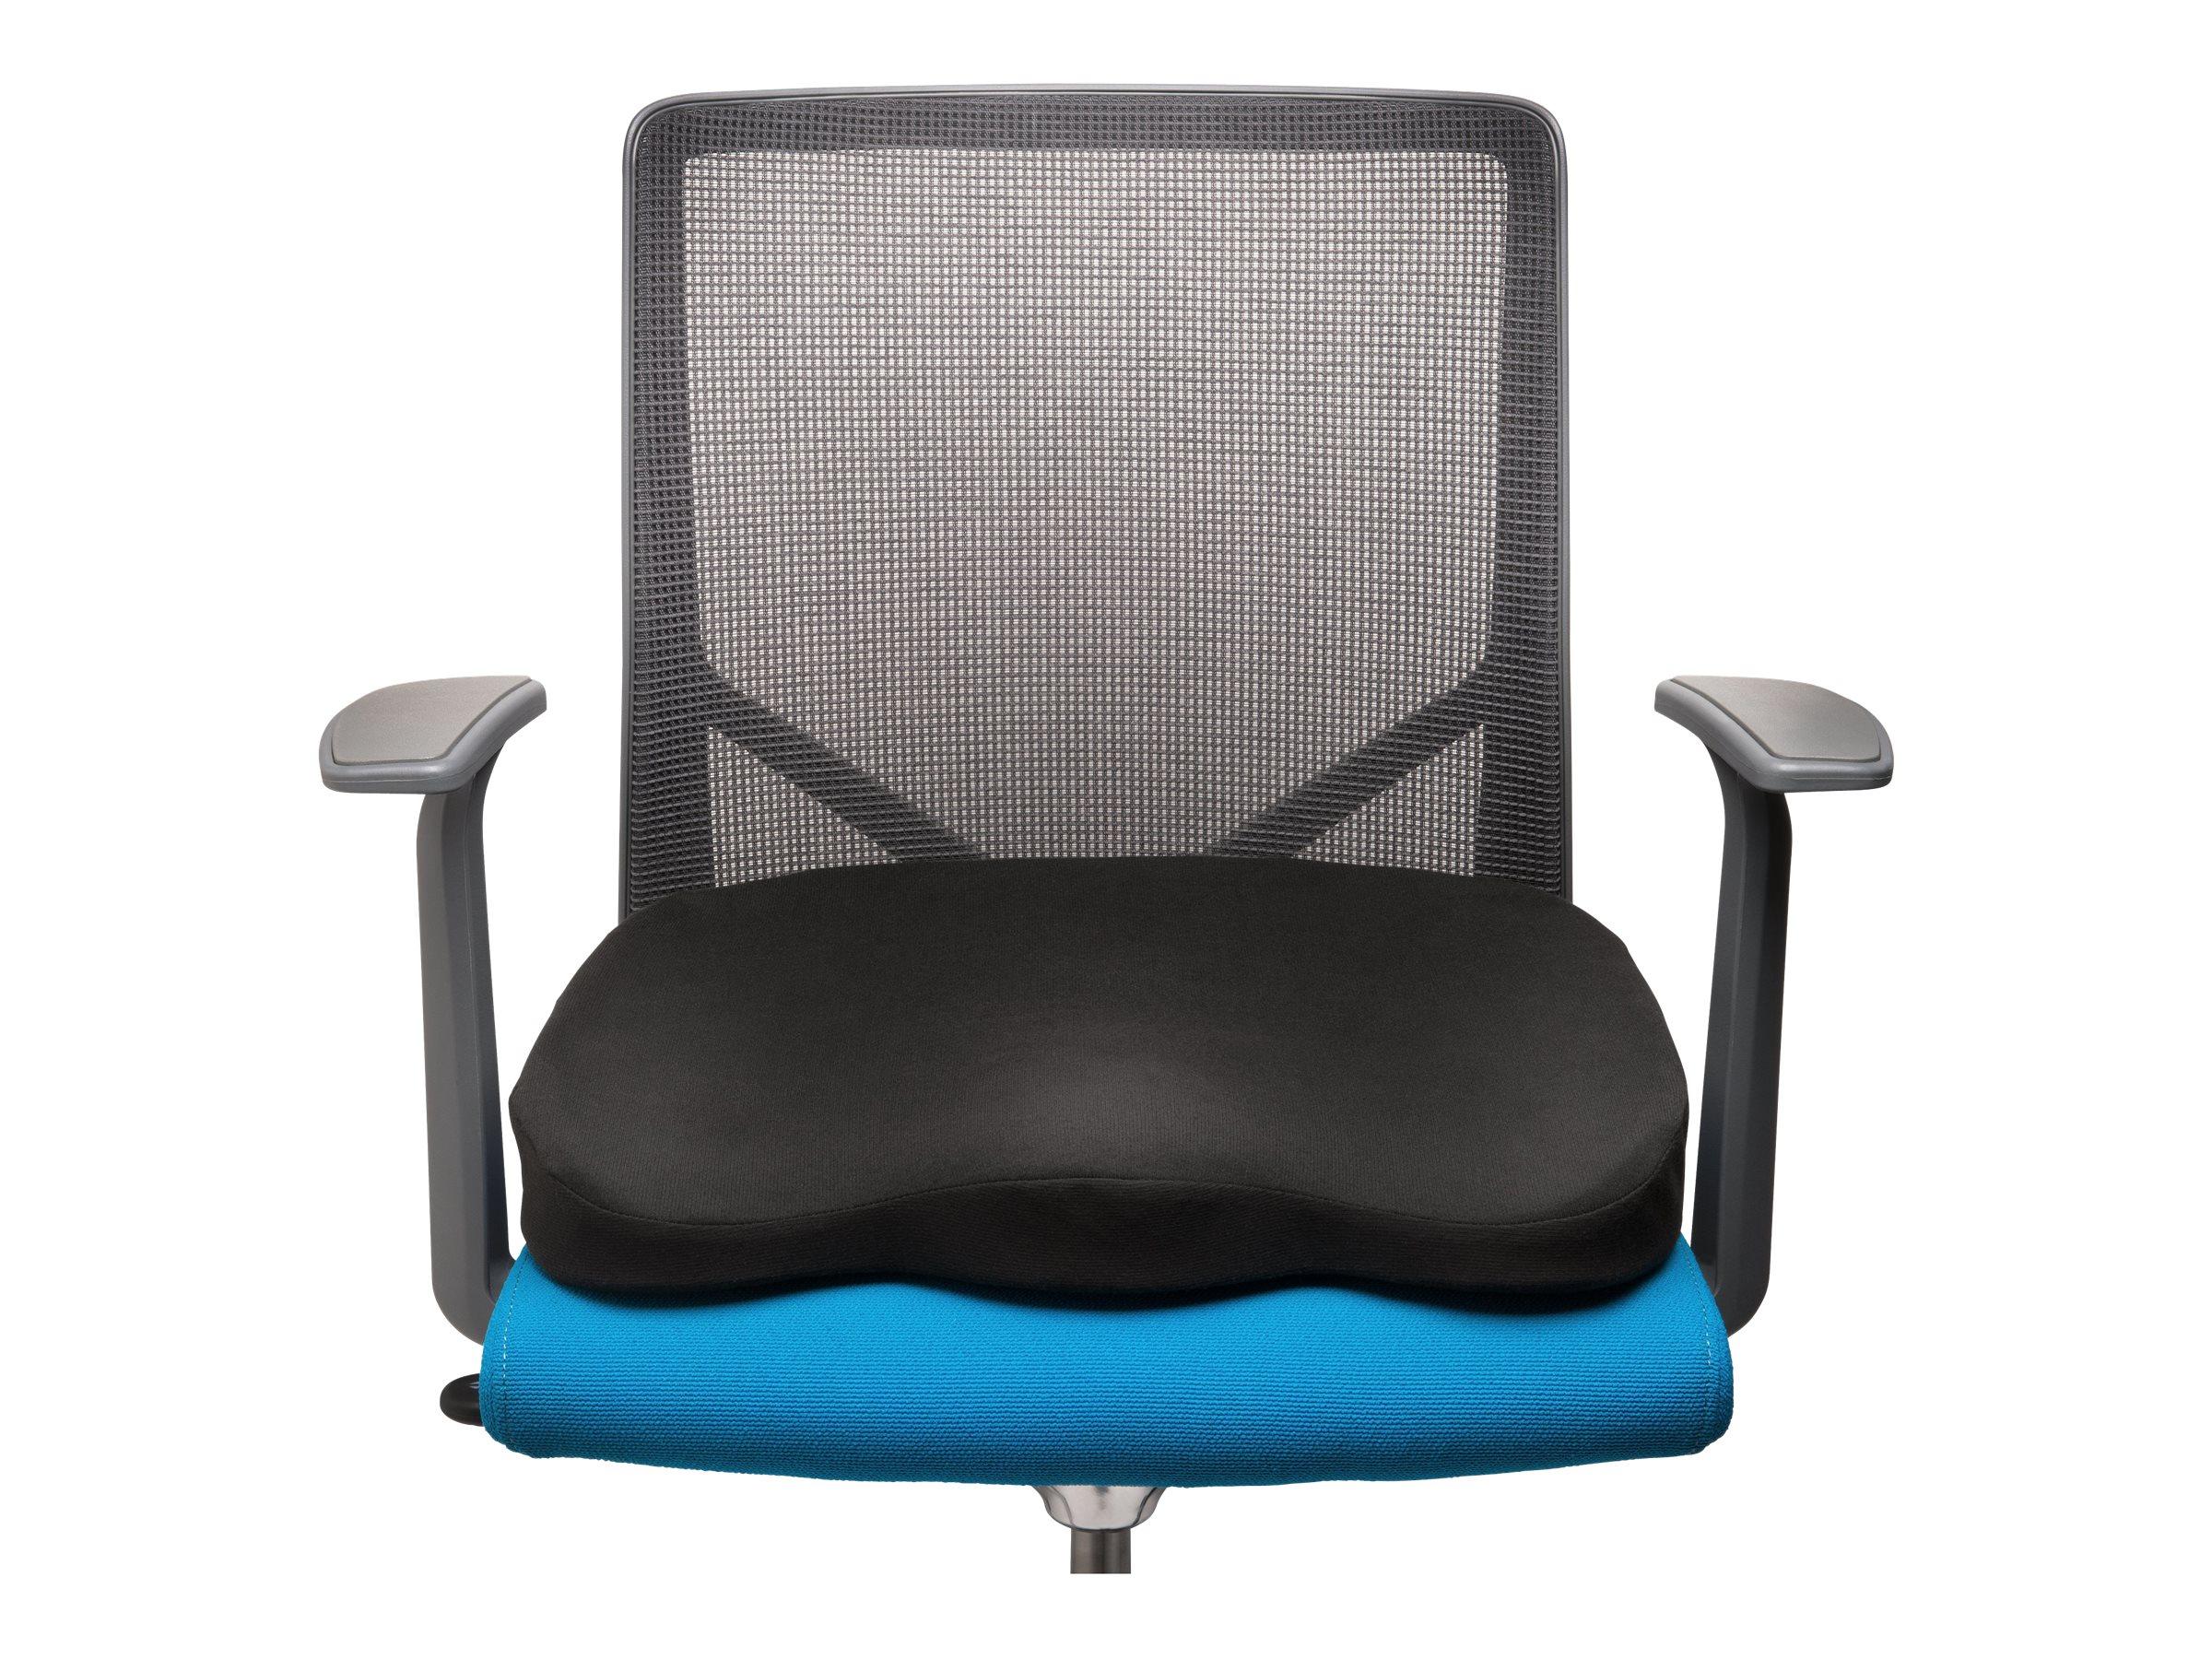 Kensington Ergonomic Memory Foam Seat Cushion - Sitzlehne - Schwarz